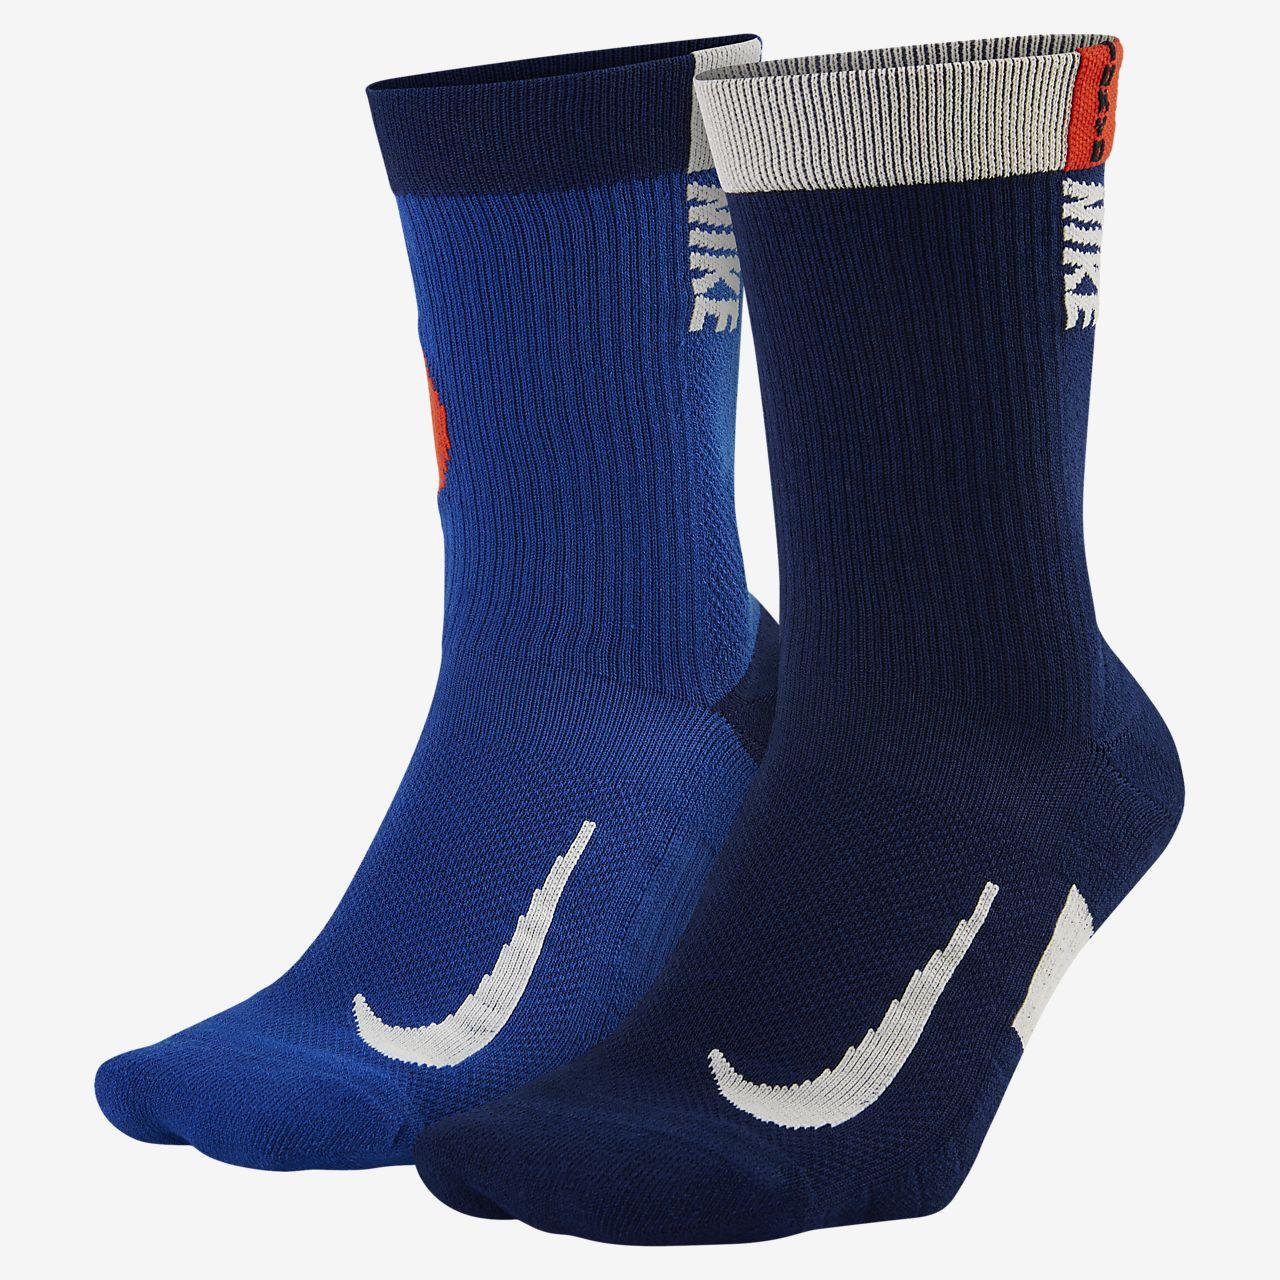 Chaussettes de running mi-mollet Nike Multiplier (2 paires)